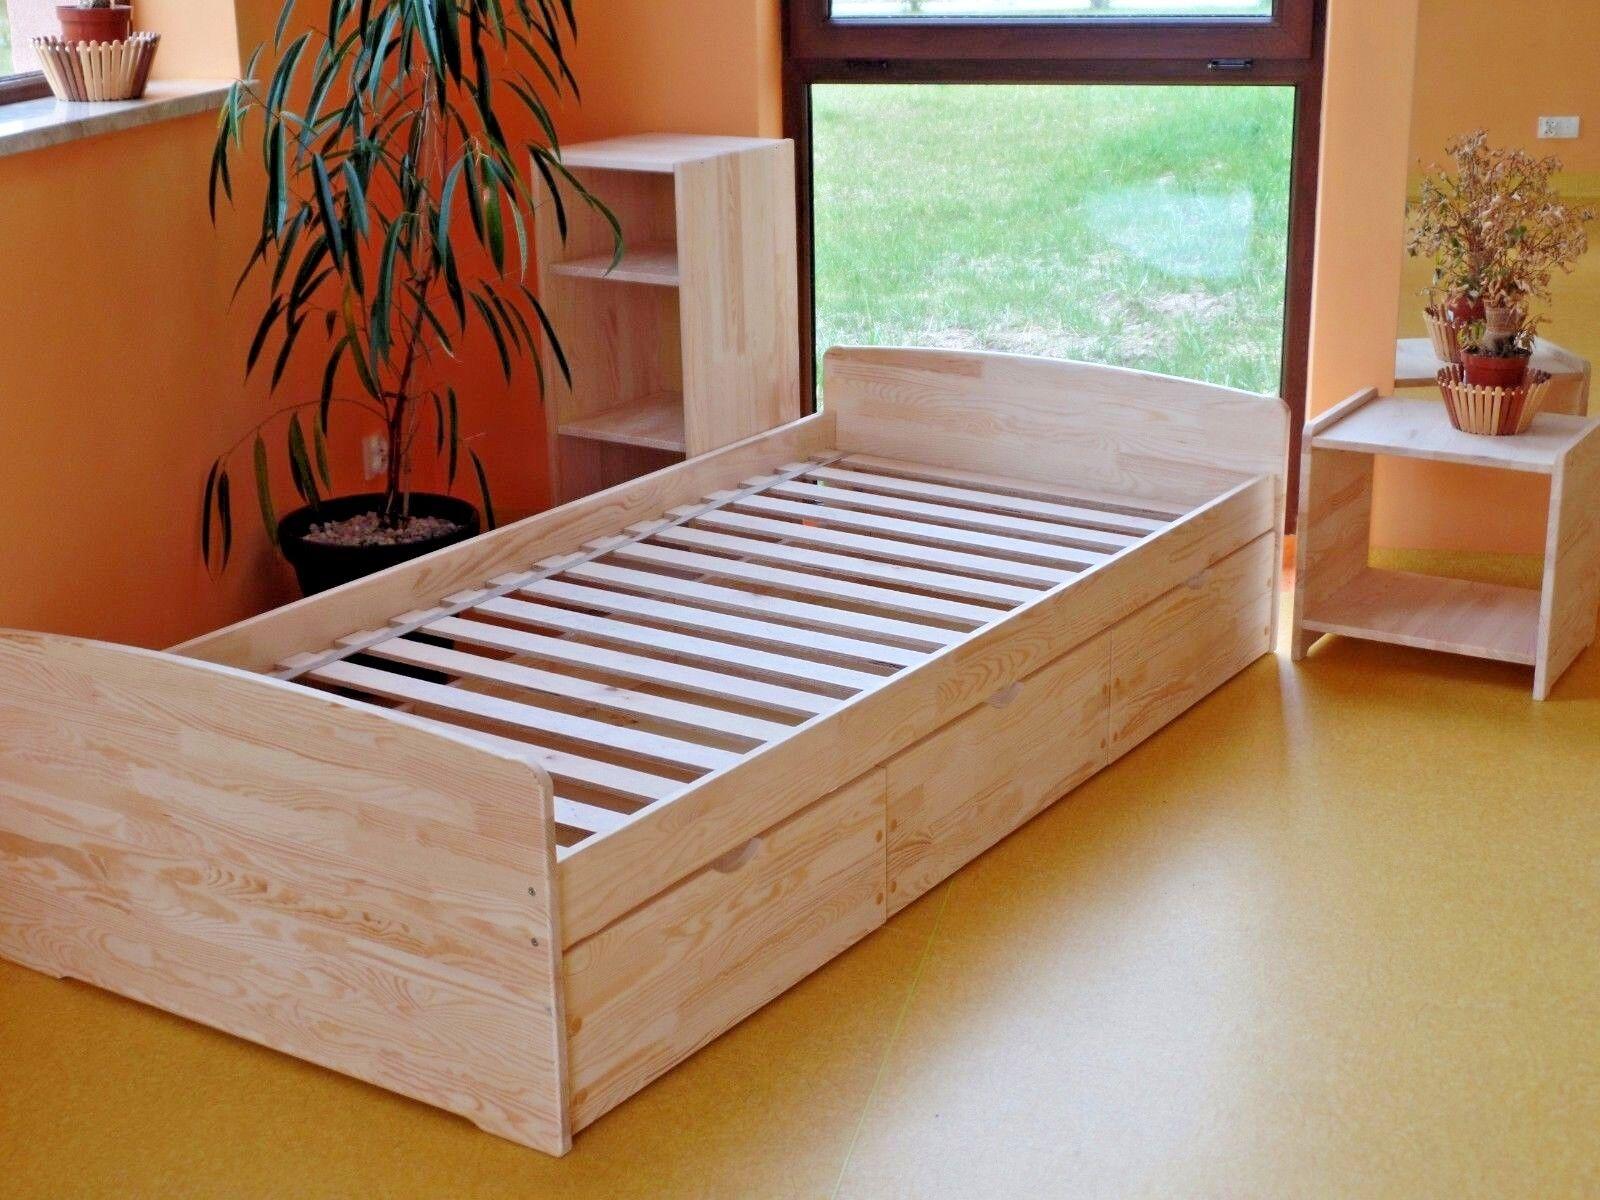 kinderbett funktionsbett einzelbett kojenbett jugendbett